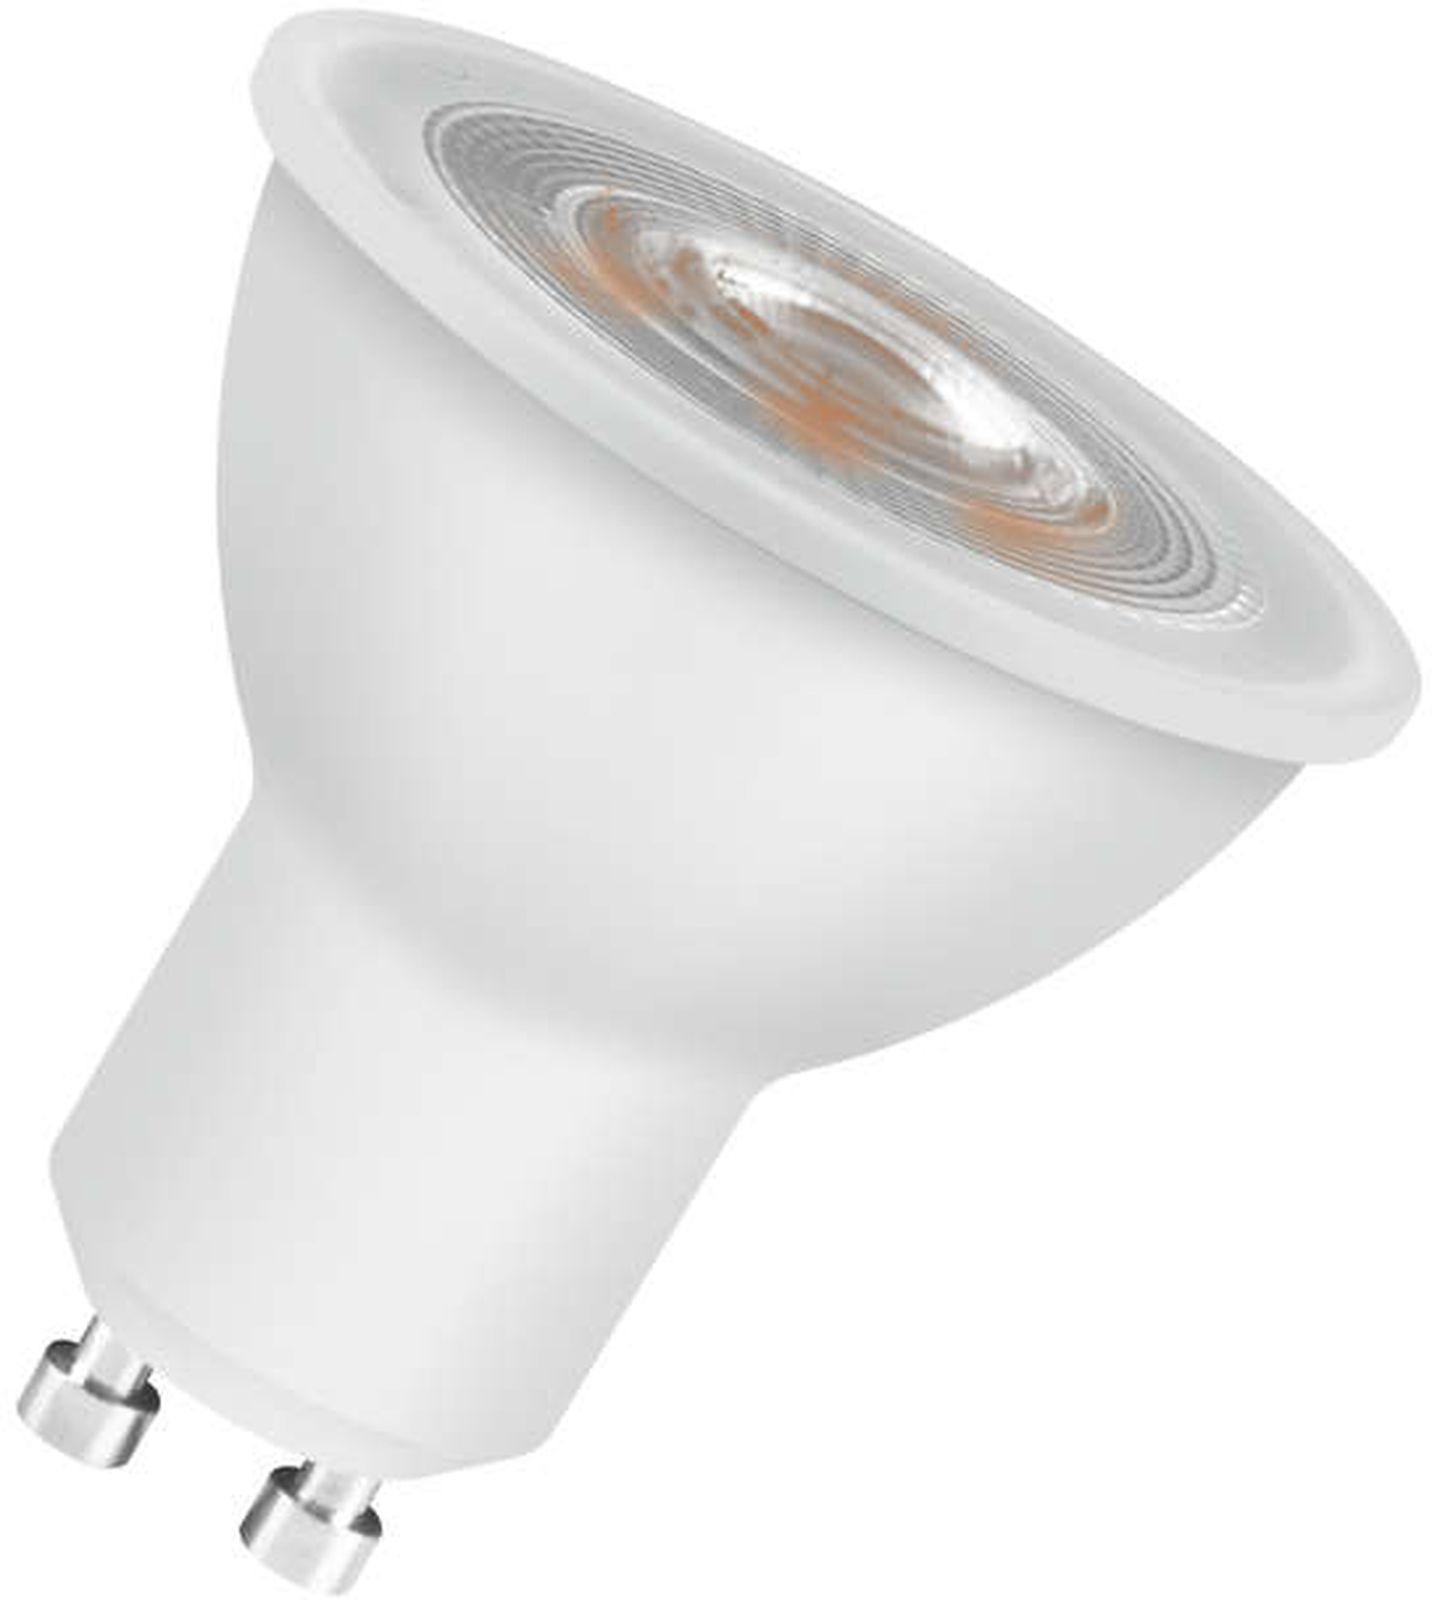 Лампочка Ledvance Osram светодиодная LSPAR165036, Теплый свет 4 Вт, Светодиодная цена